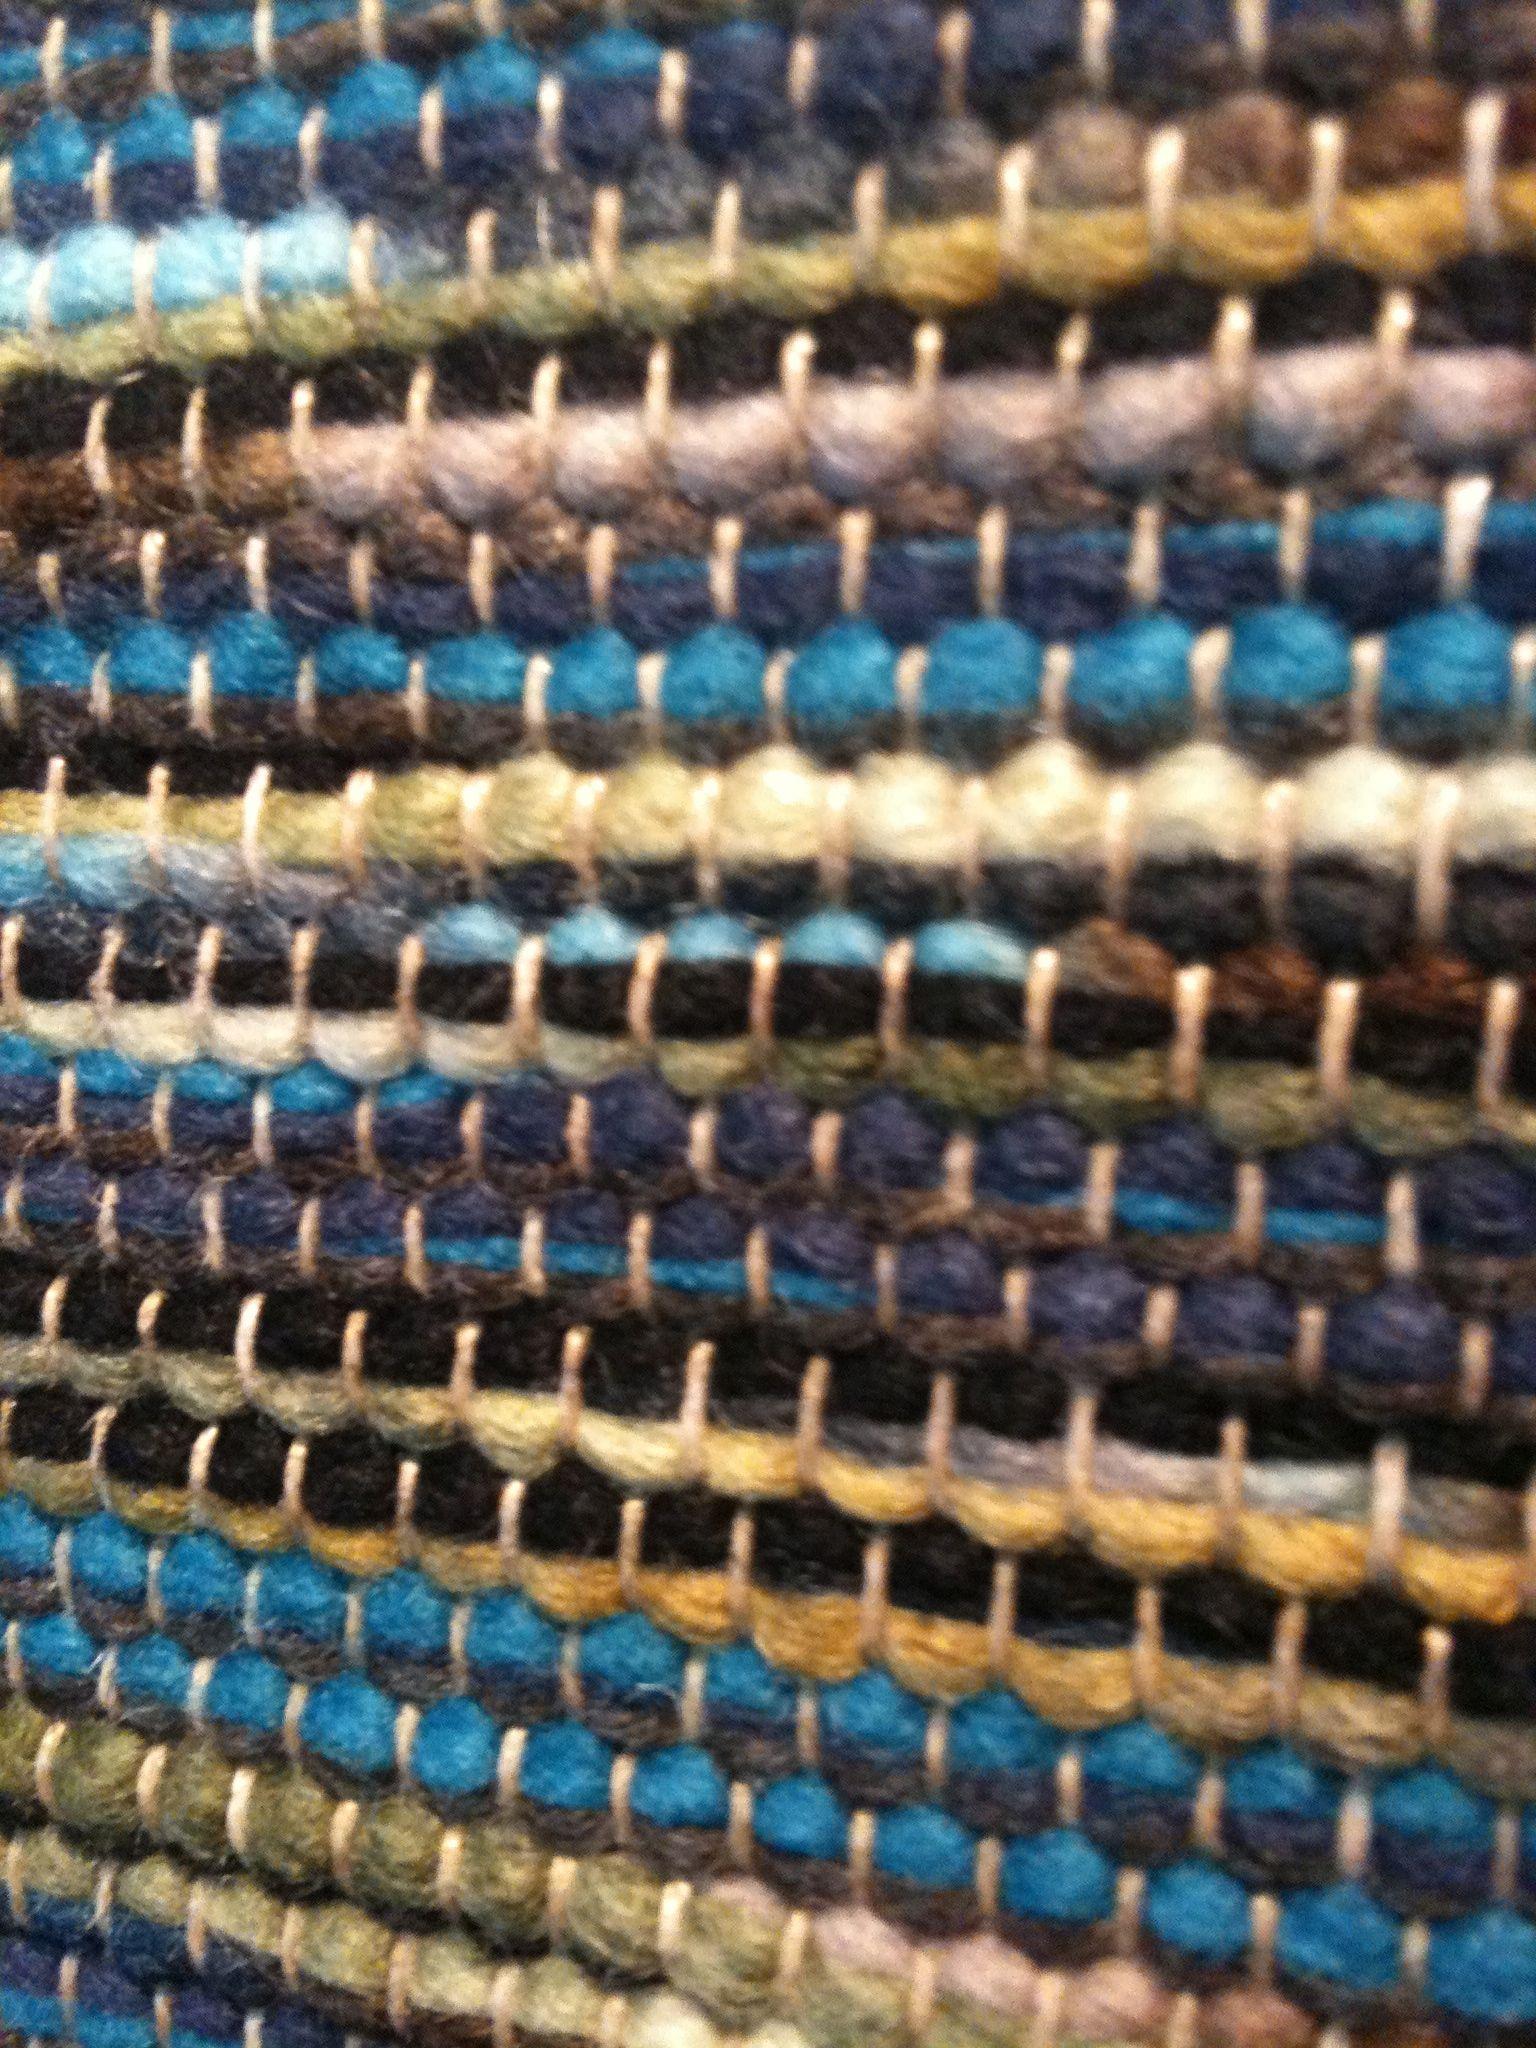 Brink & Campman karpet gusto. 100% wol glad geweven met contrasterende kleuren.